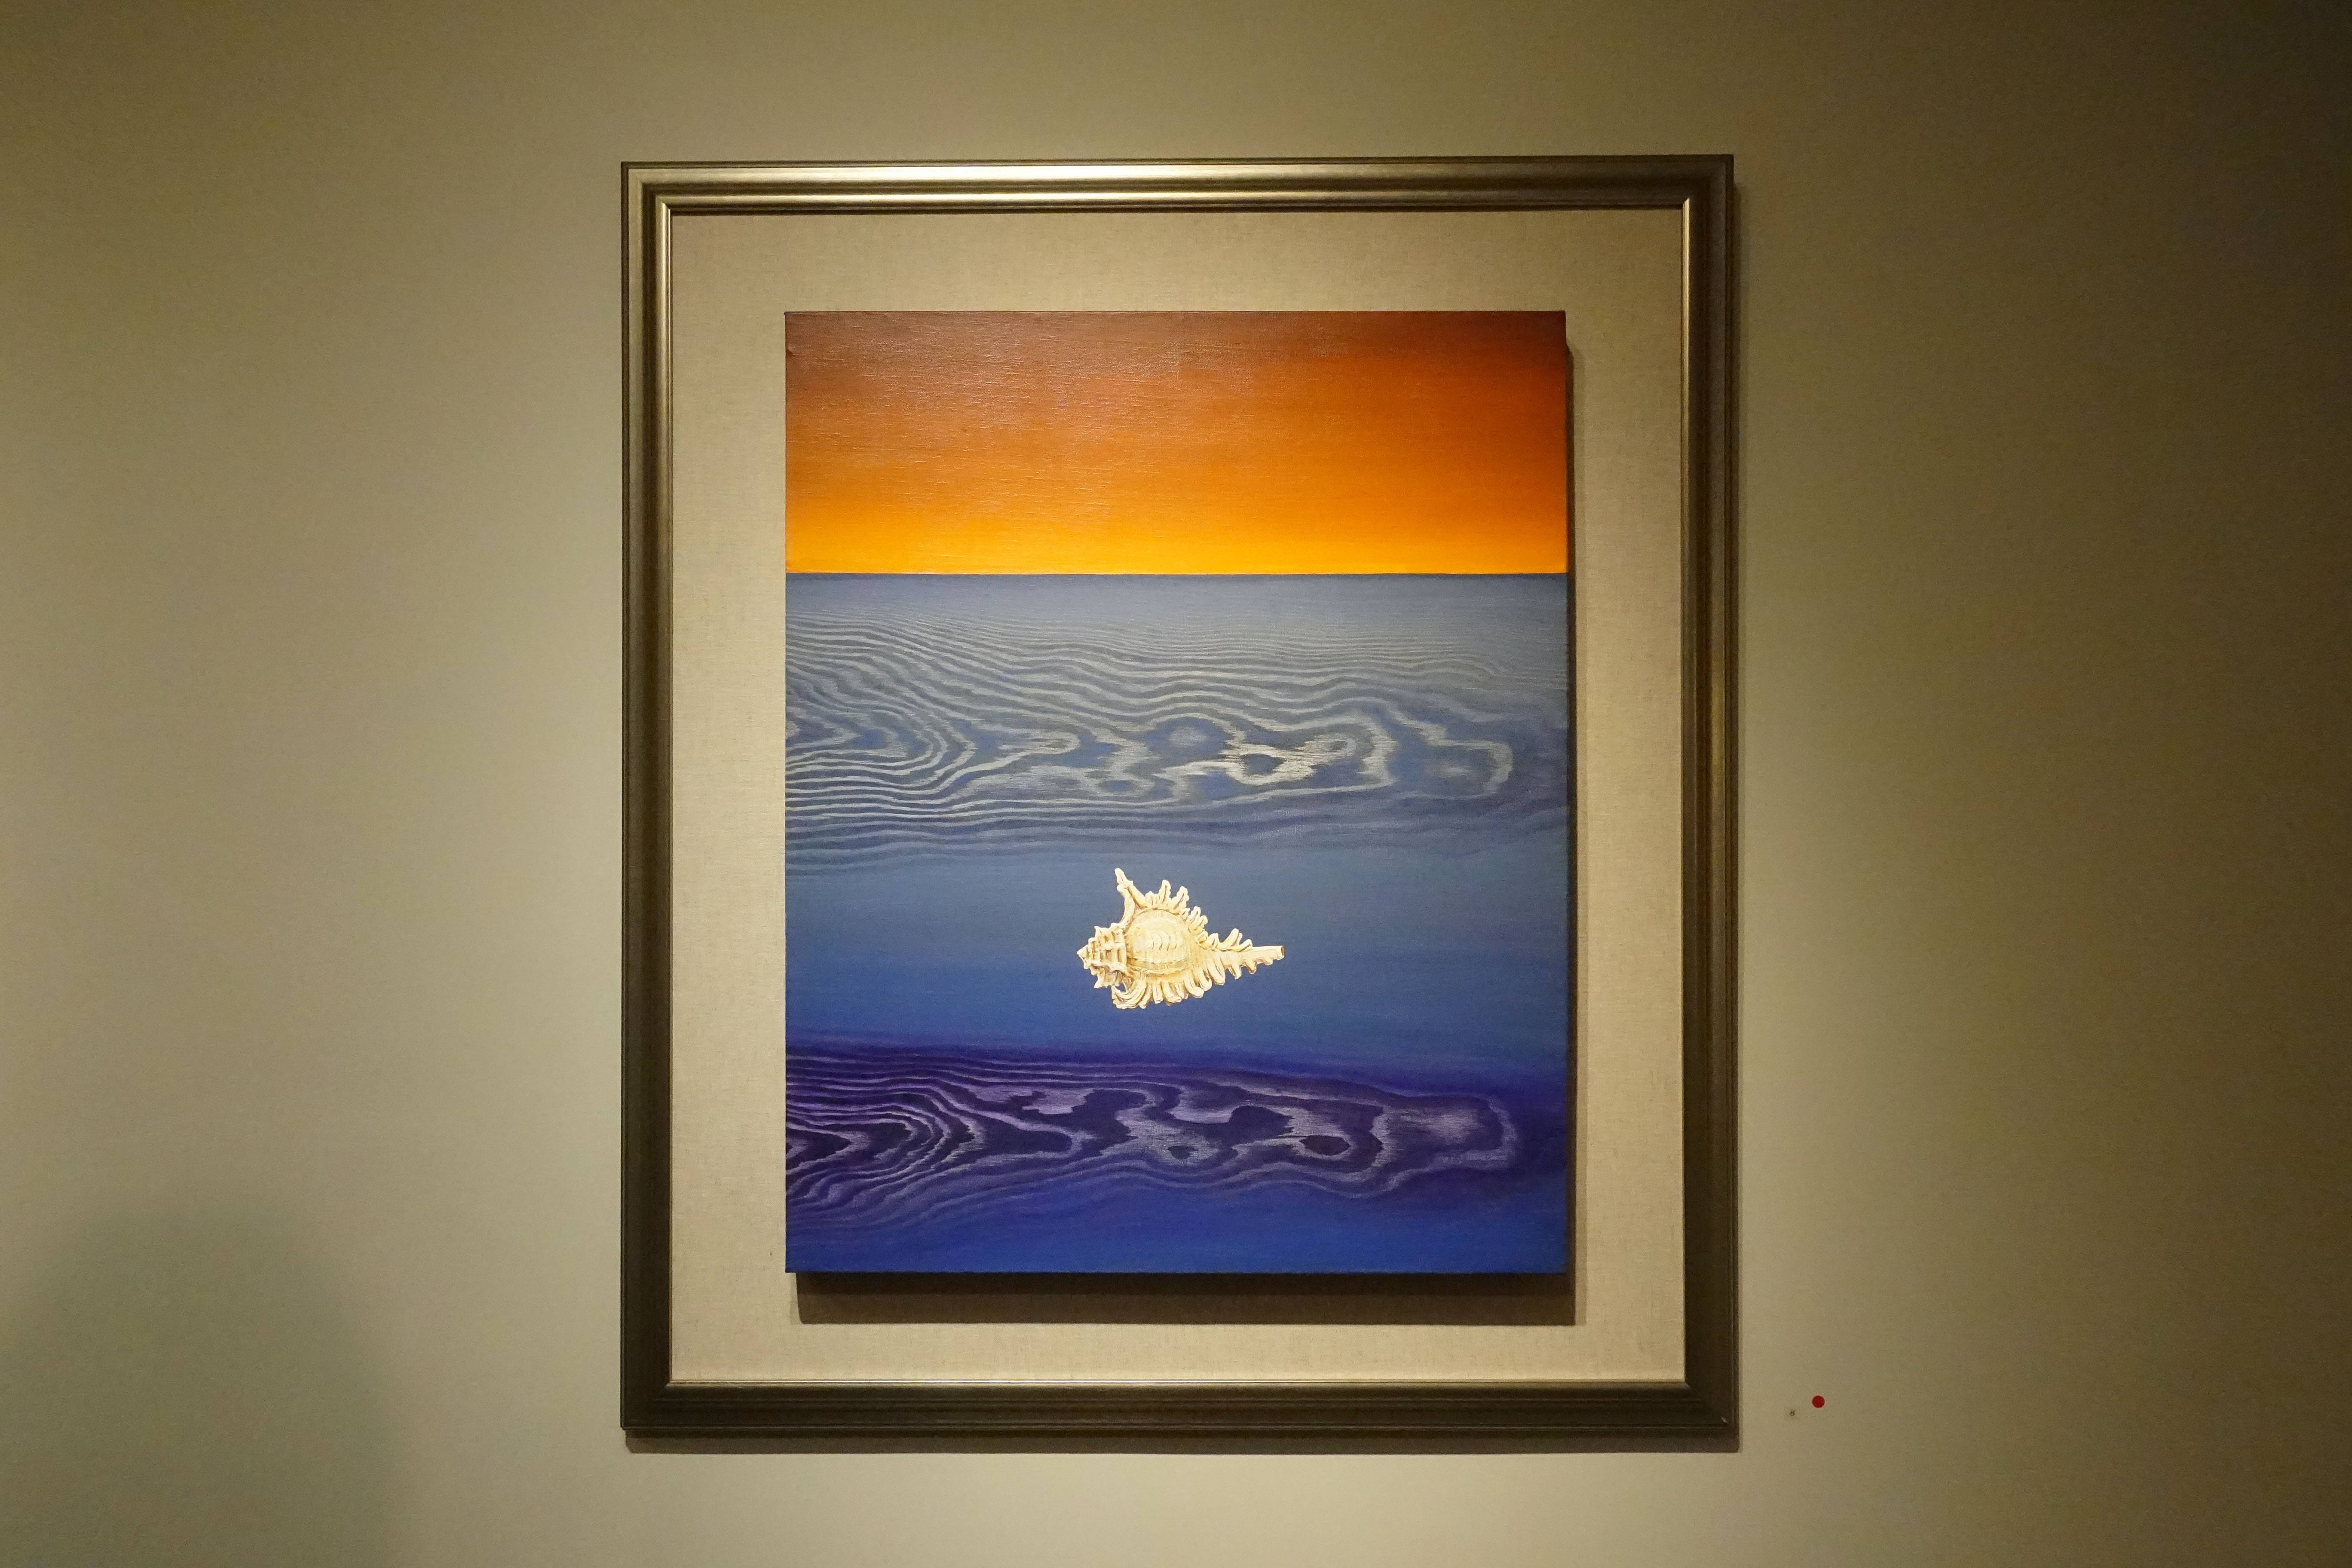 林雪卿,《聽潮 Listen to the Tide 》,1995 ,綜合媒材、畫布 Mixed Media。